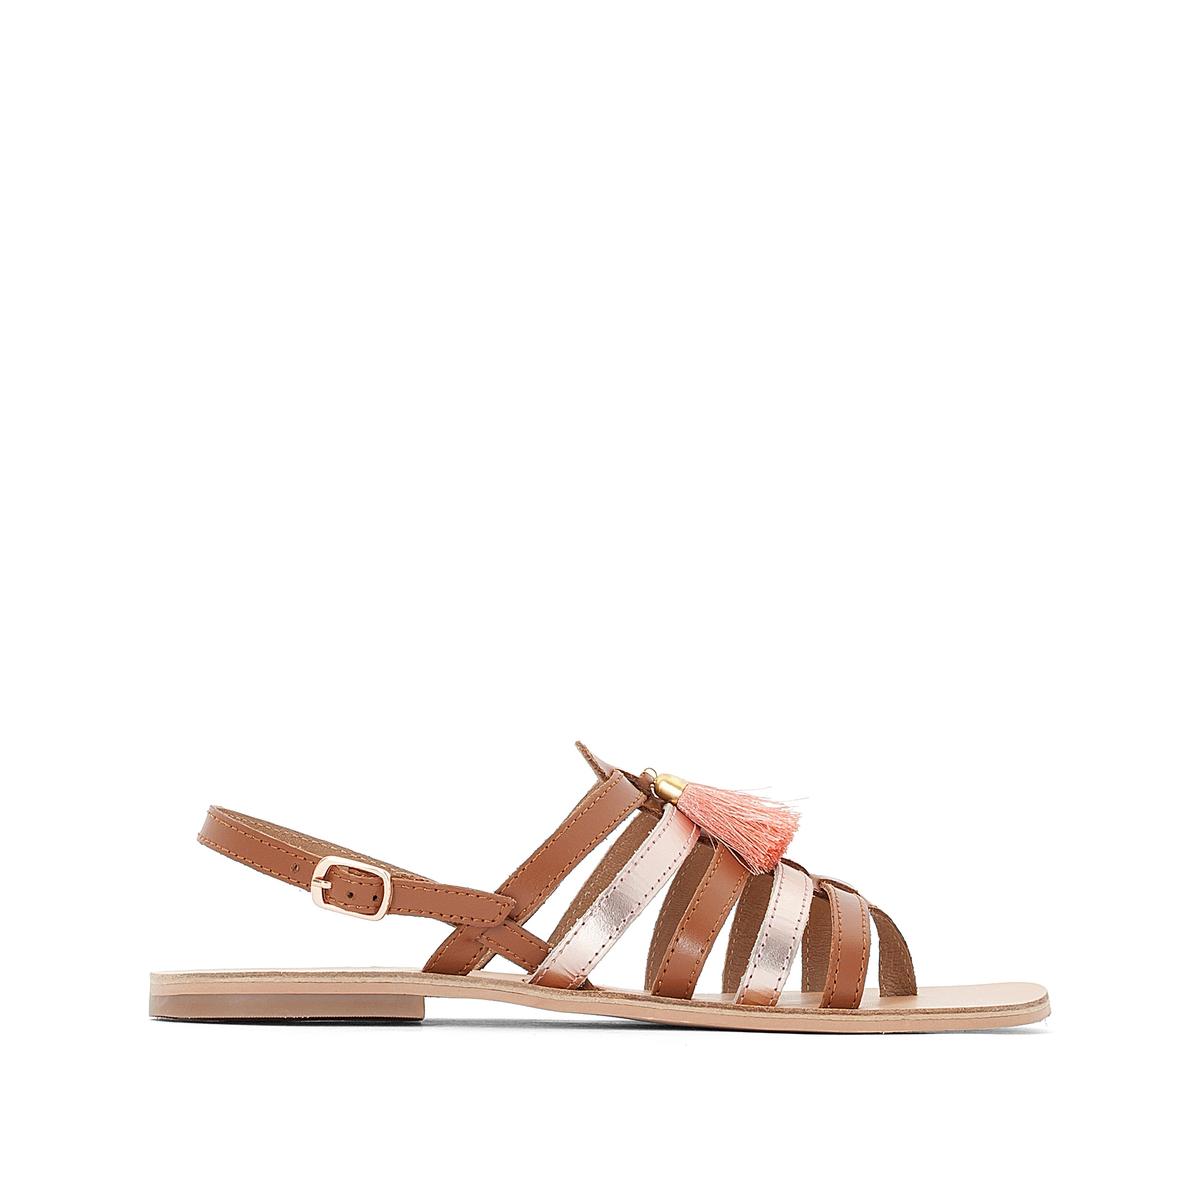 Босоножки кожаные с кисточками на плоском каблуке